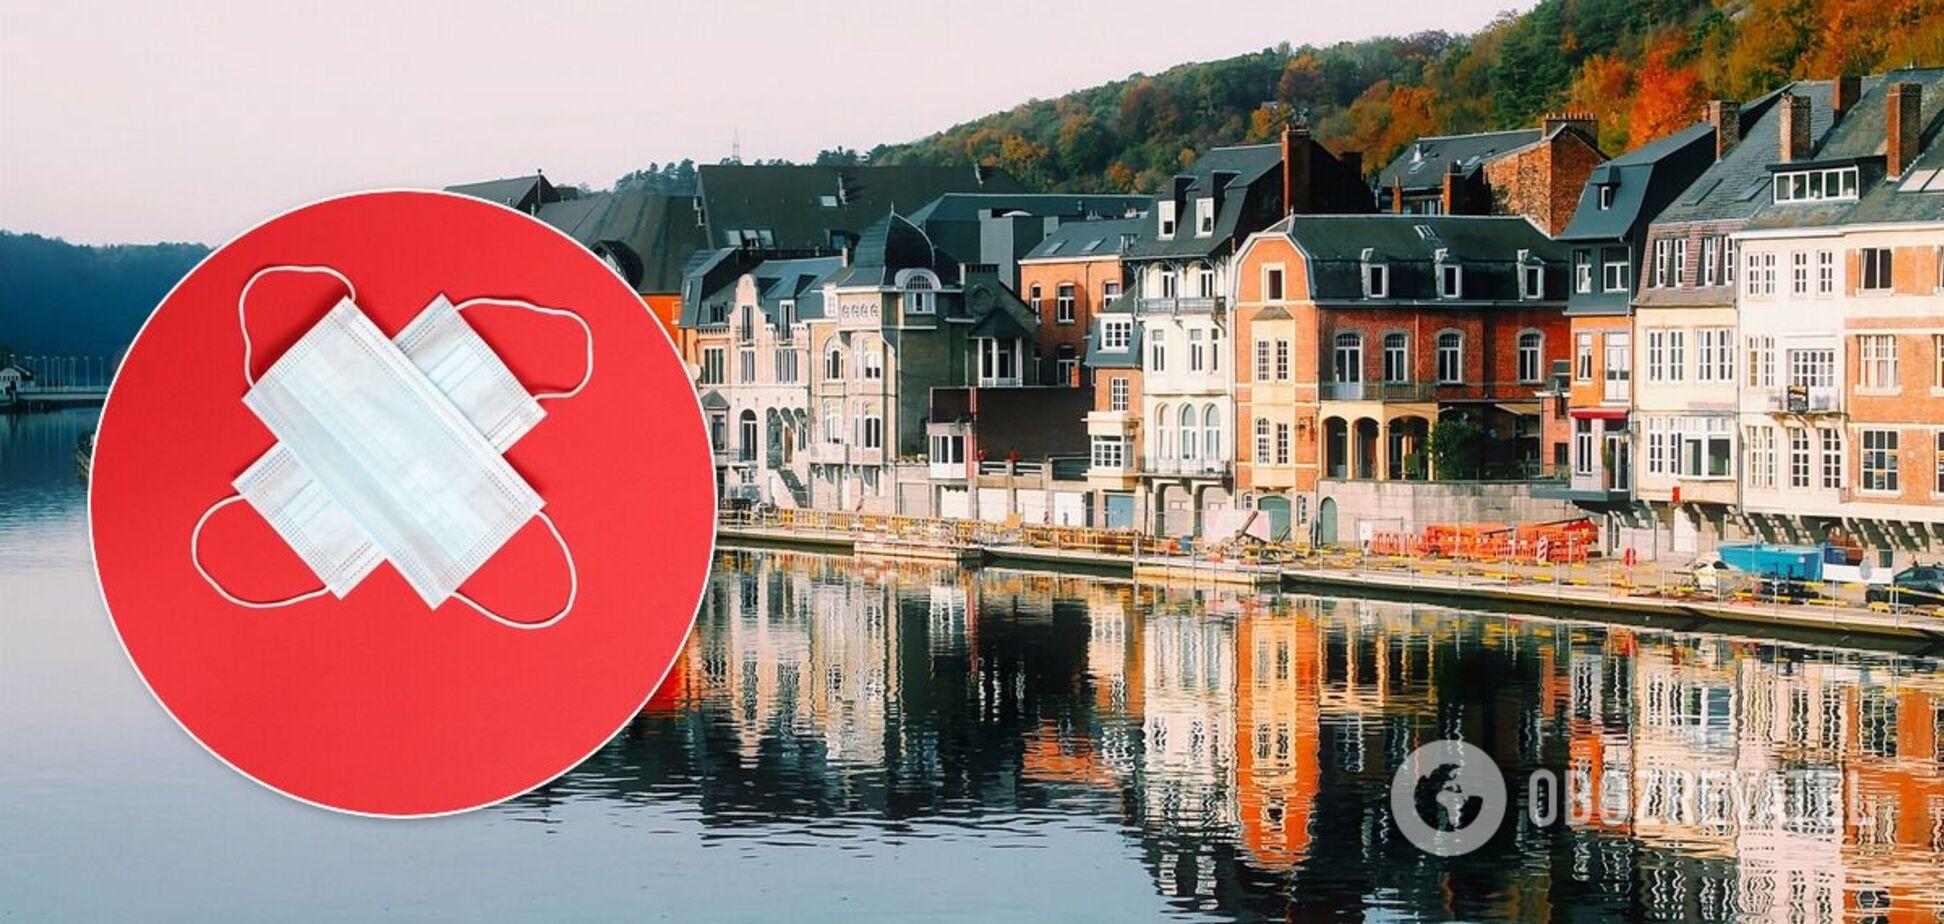 В Бельгии зафиксирован самый высокий уровень распространения коронавируса